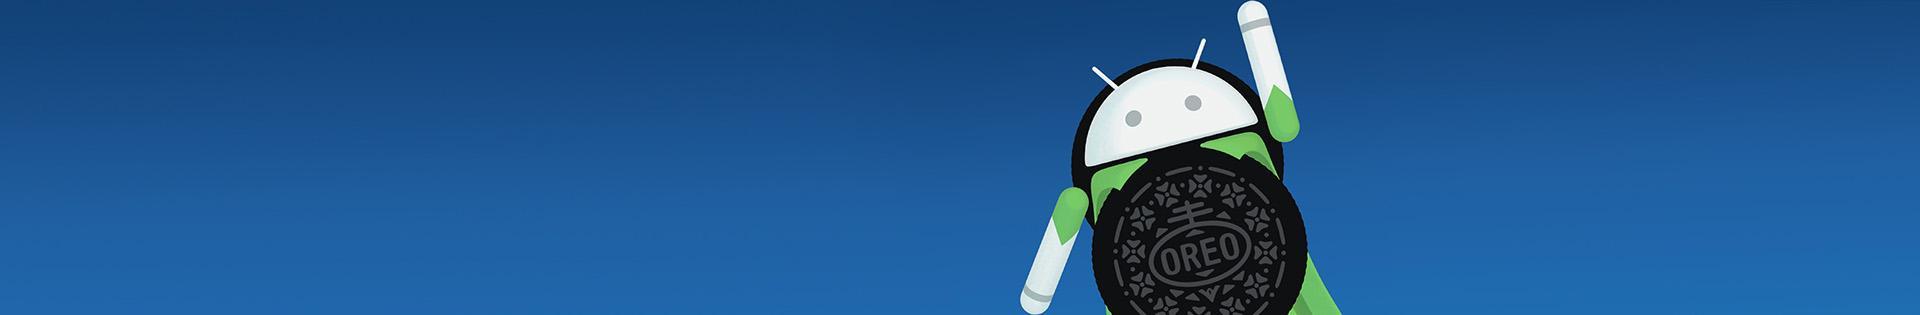 Android™ Oreo™